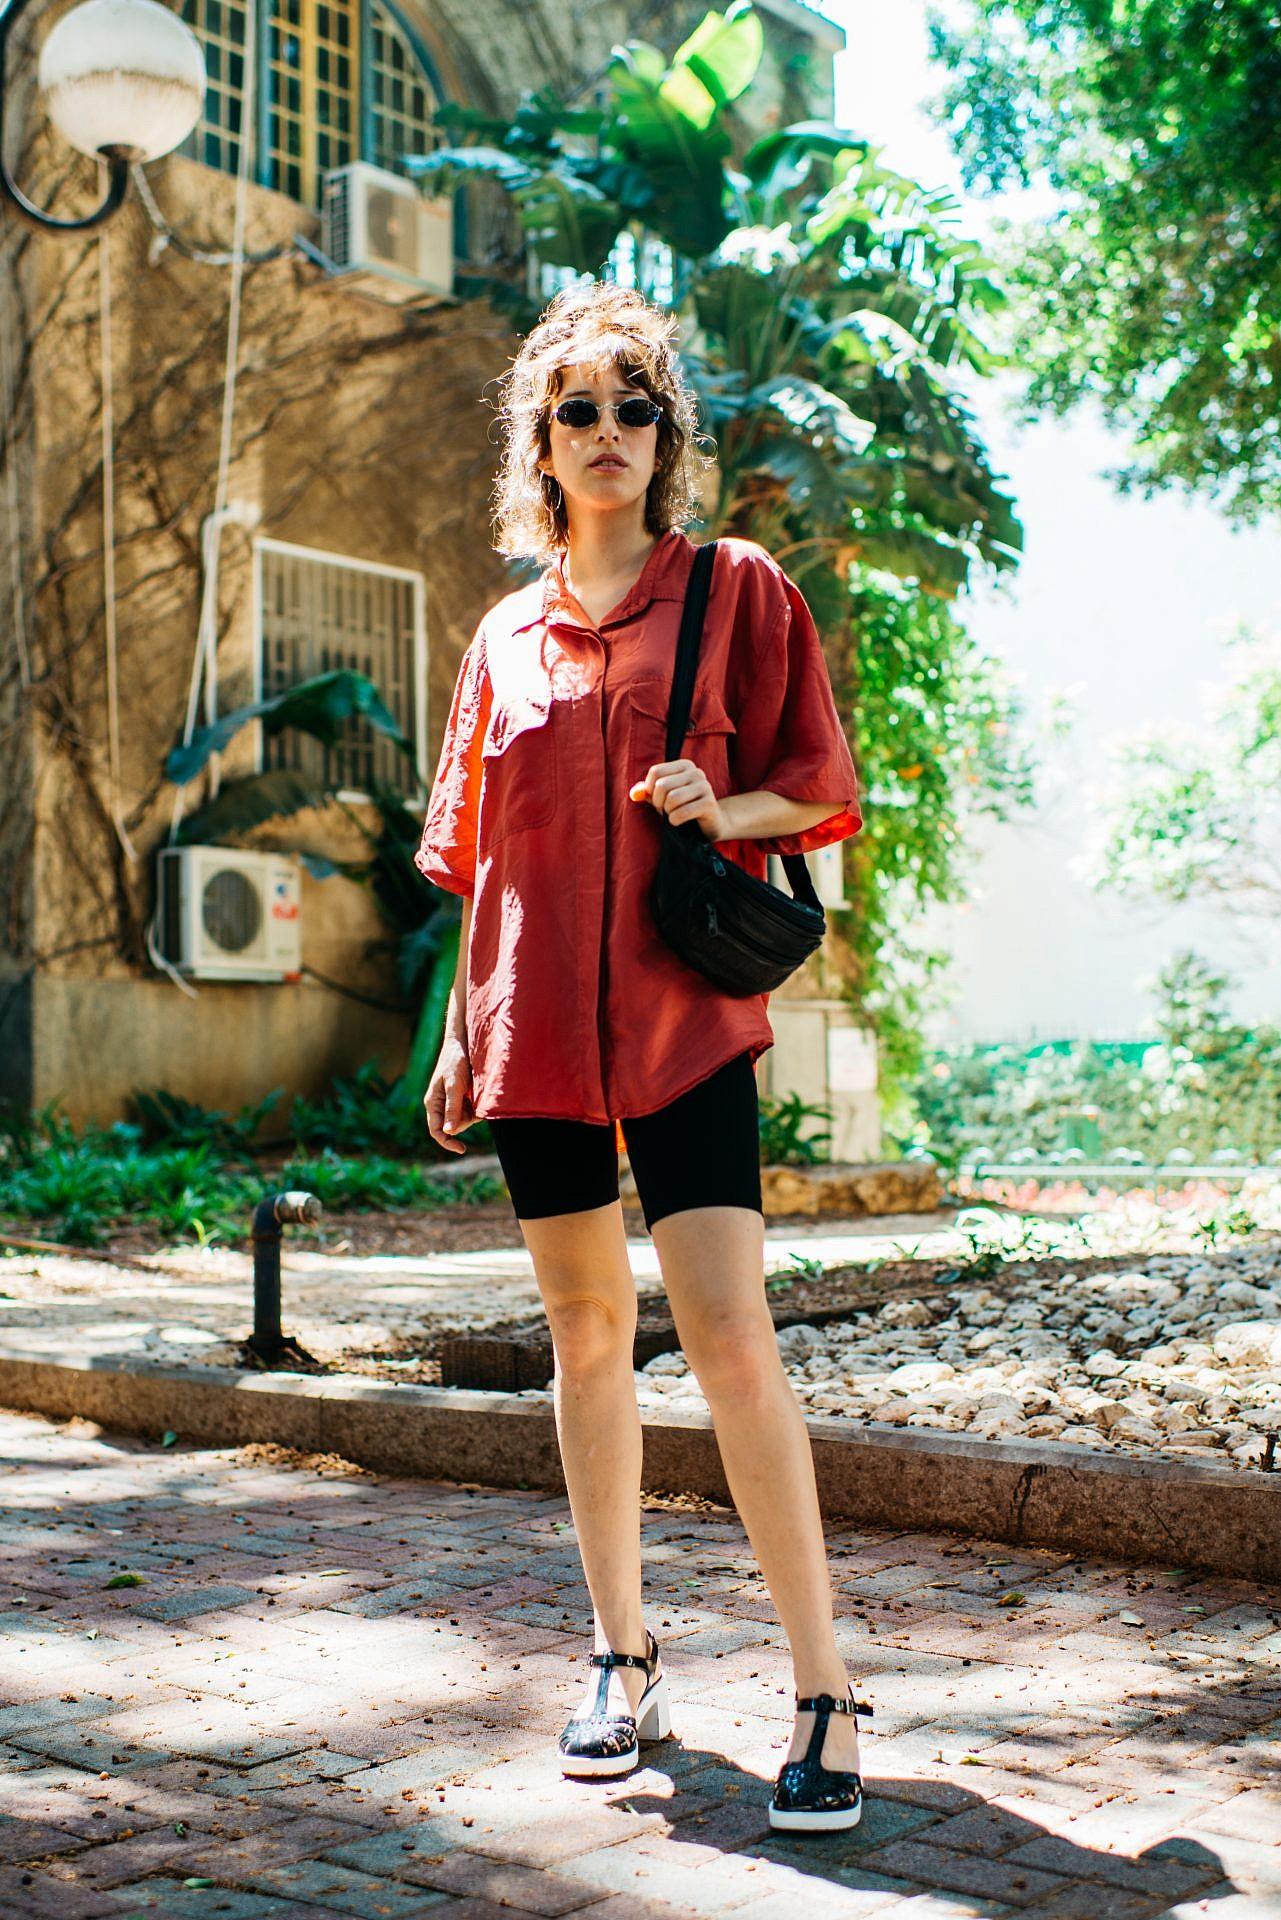 תל אביב 2019: ליאור (26) ברח' בלפור. צילום: אור עדני